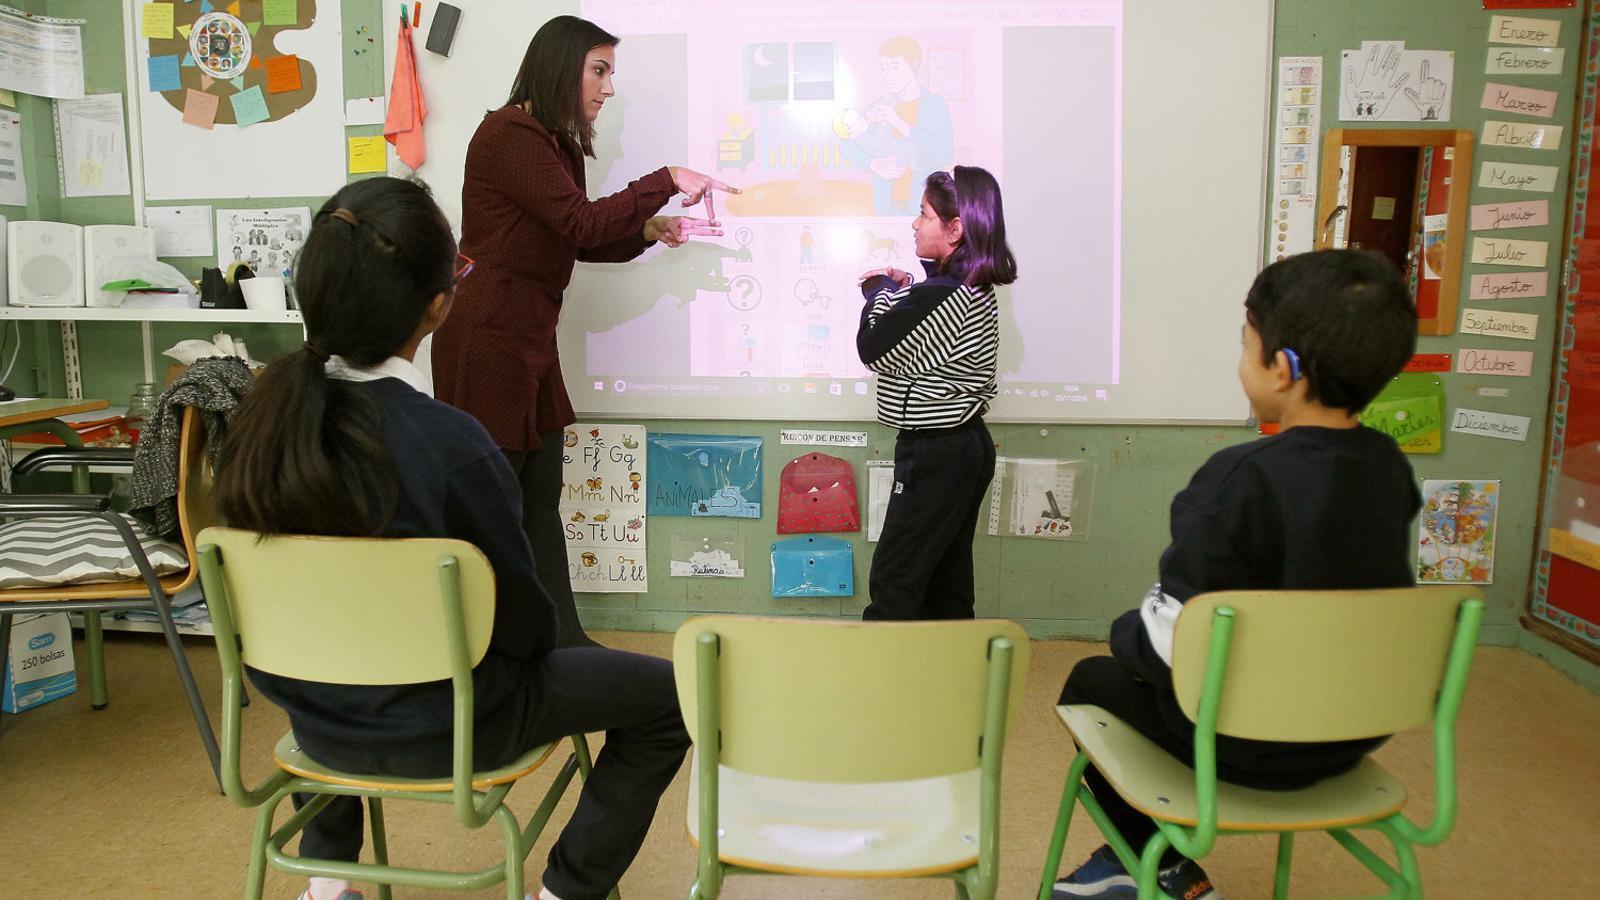 Alumnes de Primària del col·legi La Puríssima, a Palma, escolten les explicacions de la professora en el temps de classe.